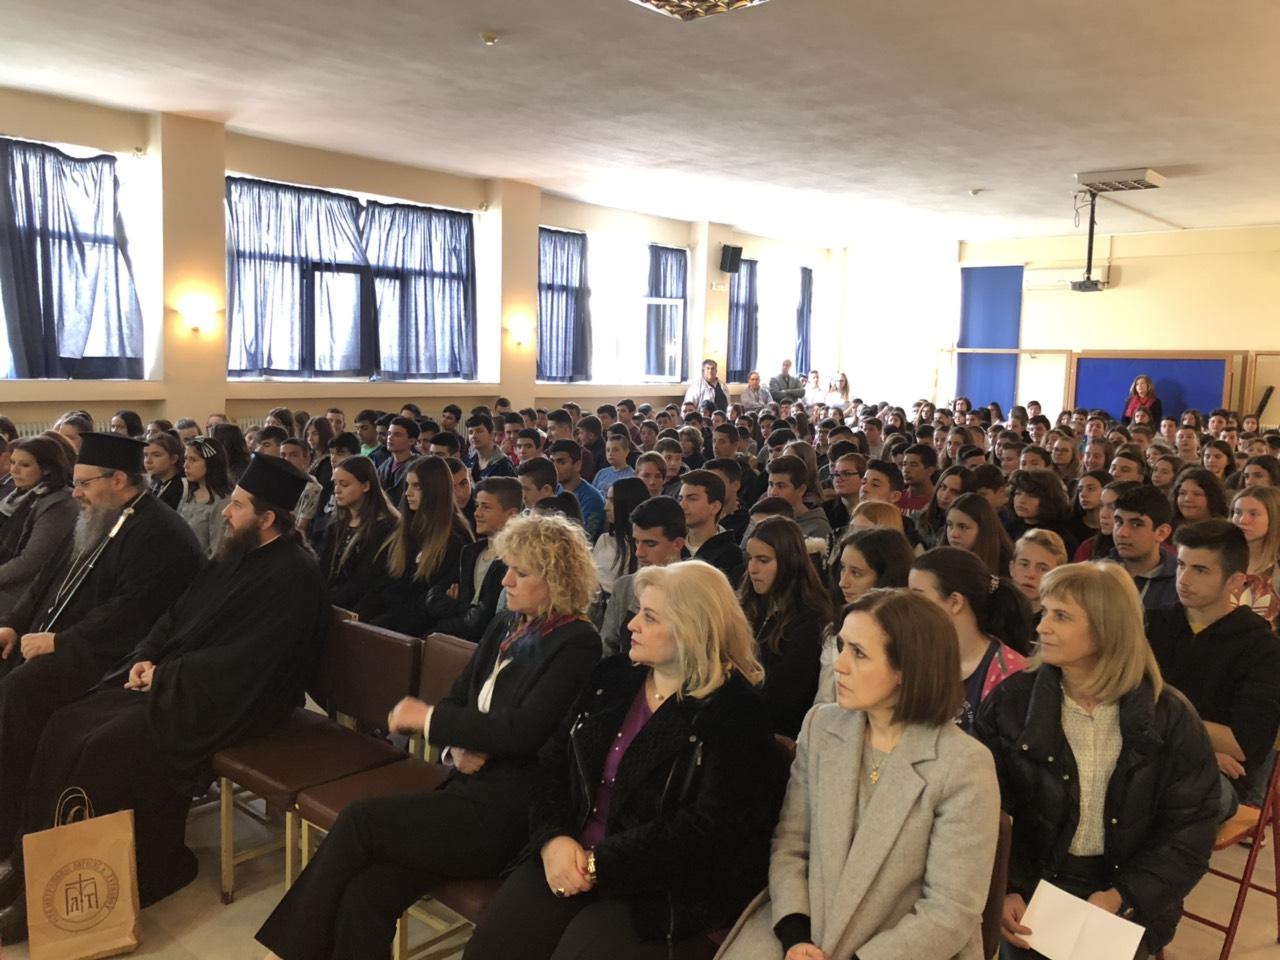 gymnasio ampelona 1 - Ο Σεβασμιώτατος επισκέφθηκε το Γυμνάσιο Αμπελώνα (φωτο)